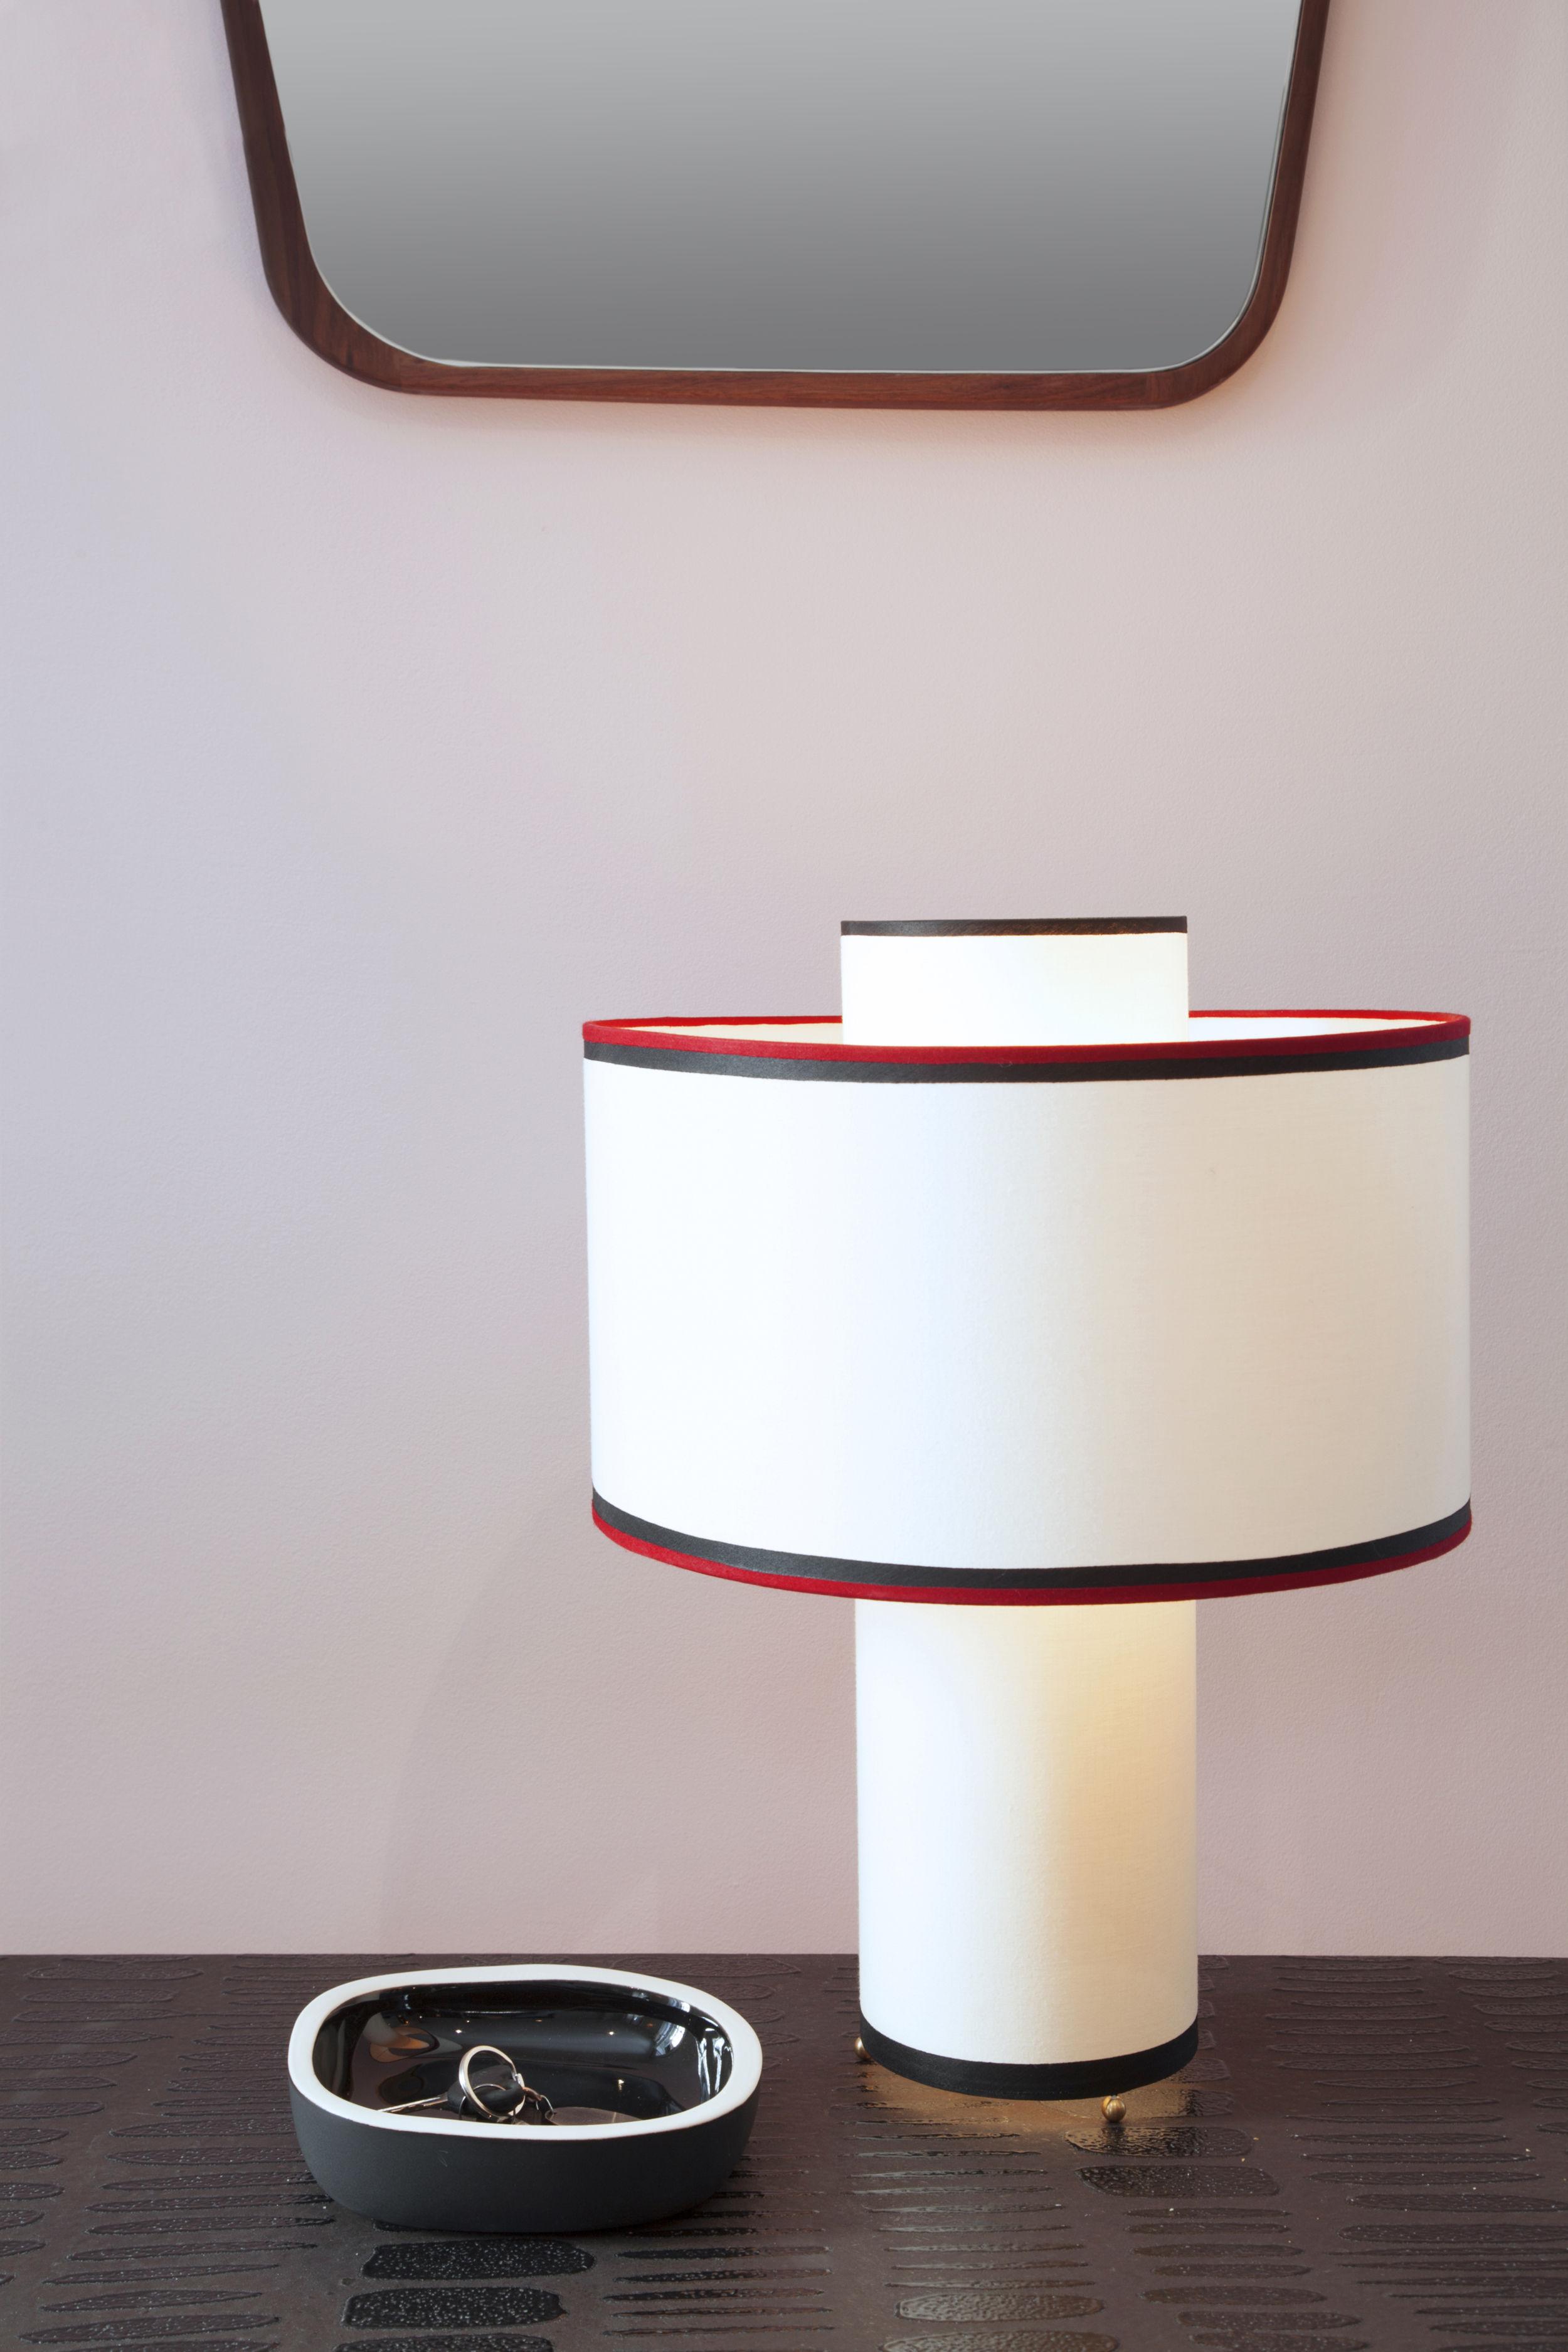 lampe de table bianca coton h 47 cm ecru biais rouge noir maison sarah lavoine made. Black Bedroom Furniture Sets. Home Design Ideas